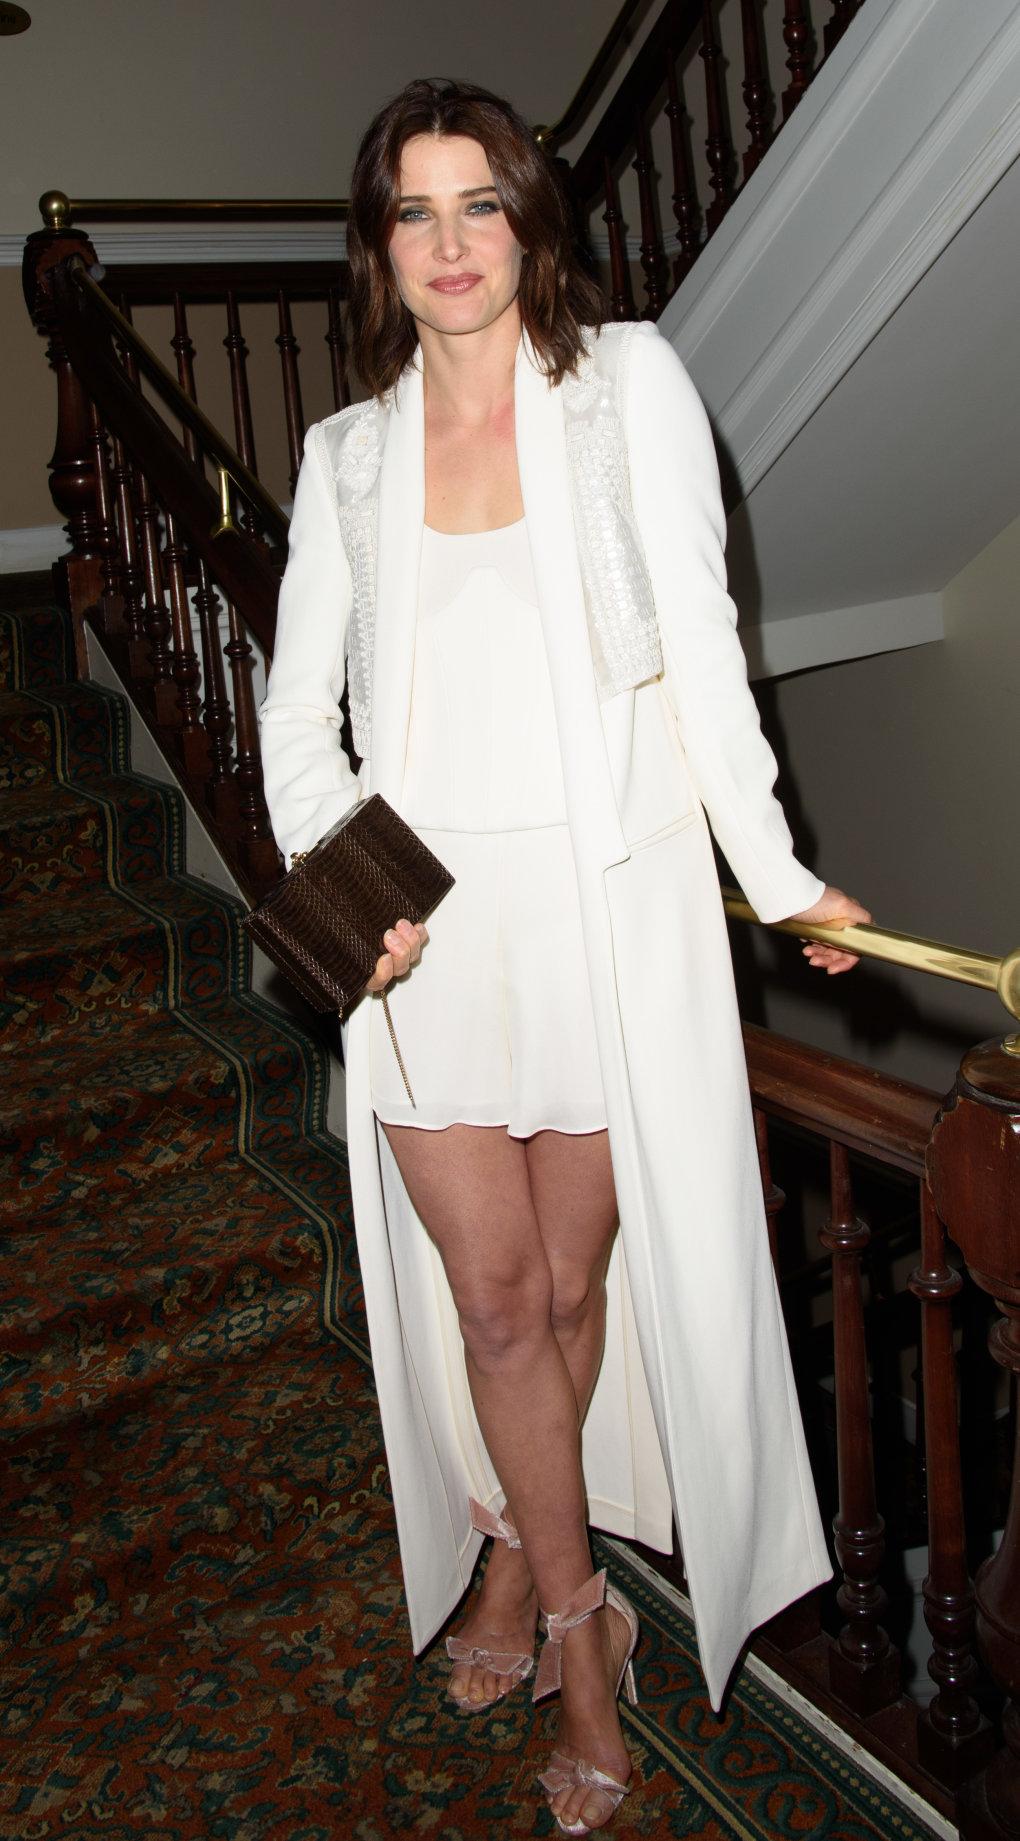 Gallery Topless Cobie Smulders  nude (71 photo), iCloud, legs